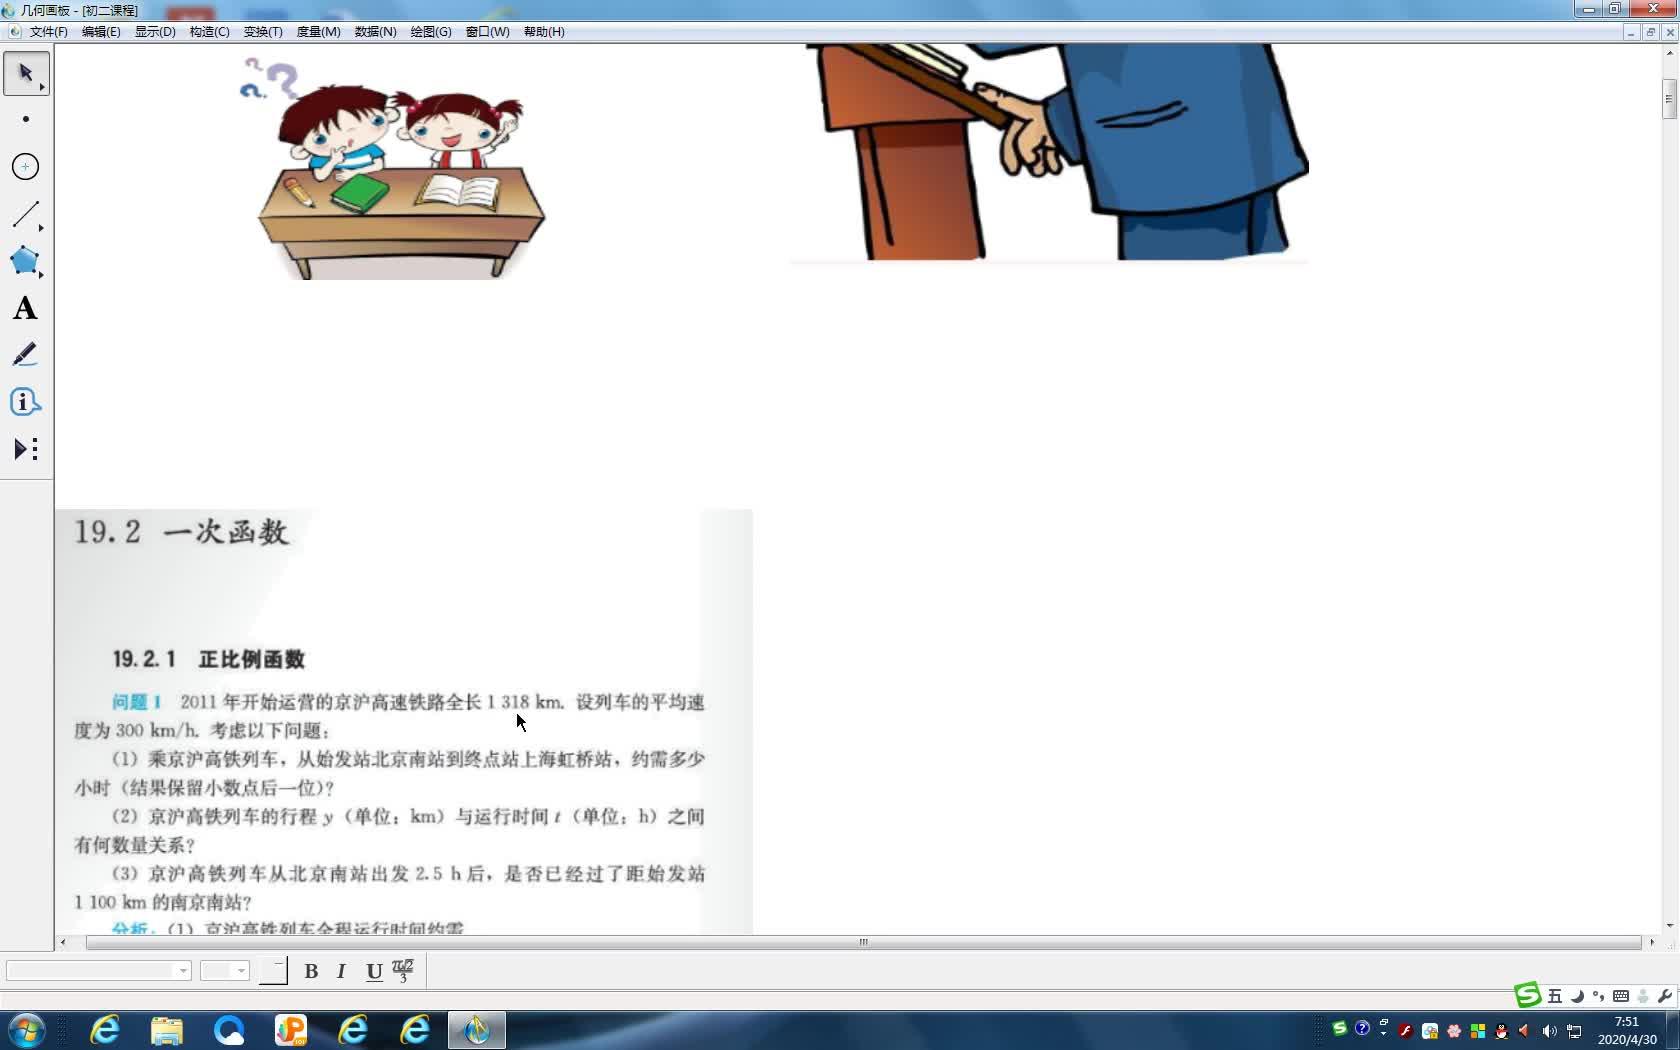 人教版八年级数学下册19.2.1 正比例函数 微课视频